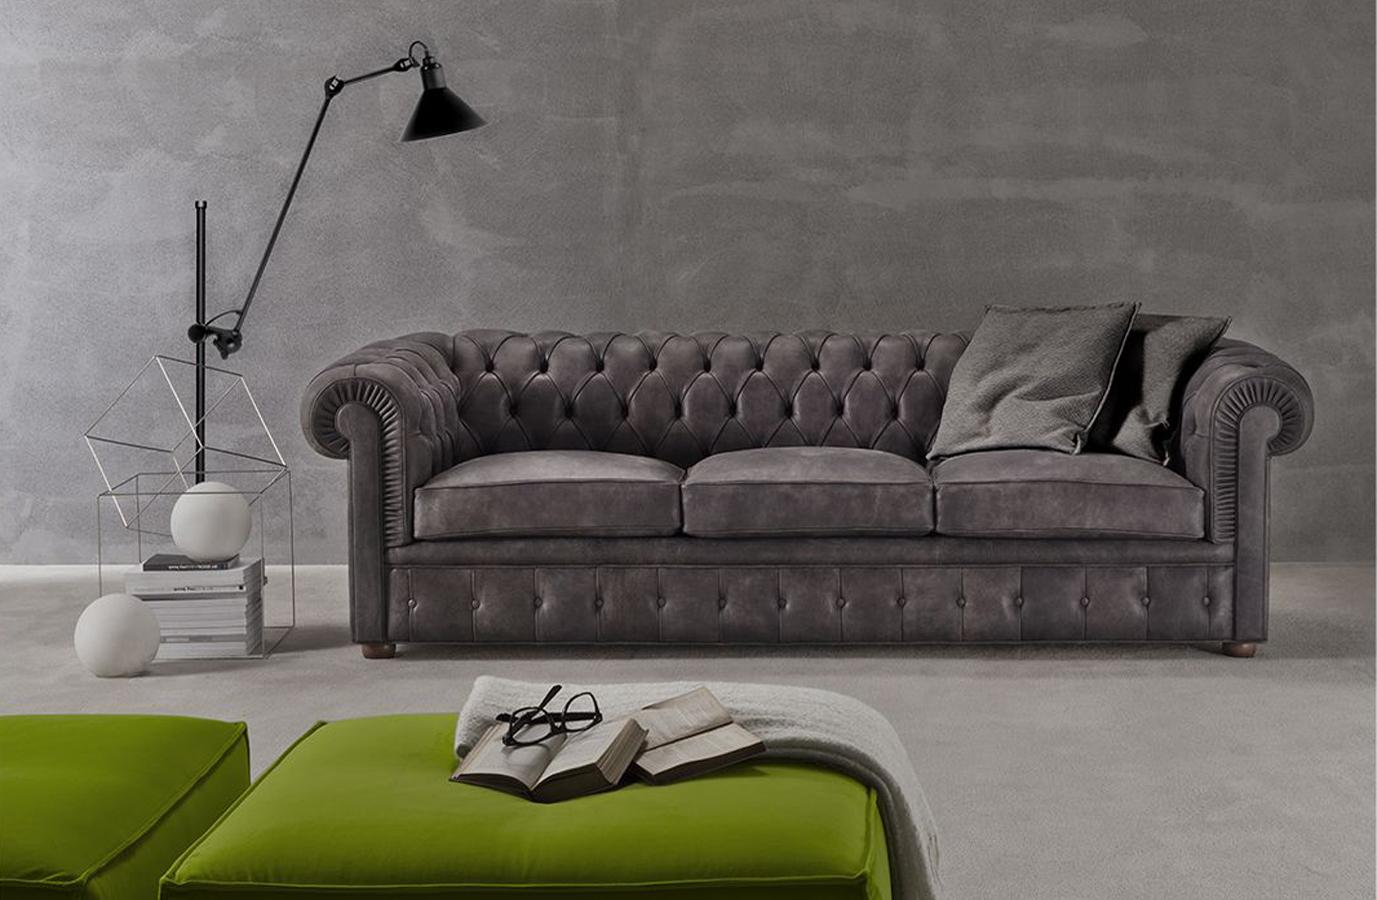 Divano-Chester-Nyx-di-Flexstyle-da-righrtti-mobili-novara-Piemonte-Lombardia